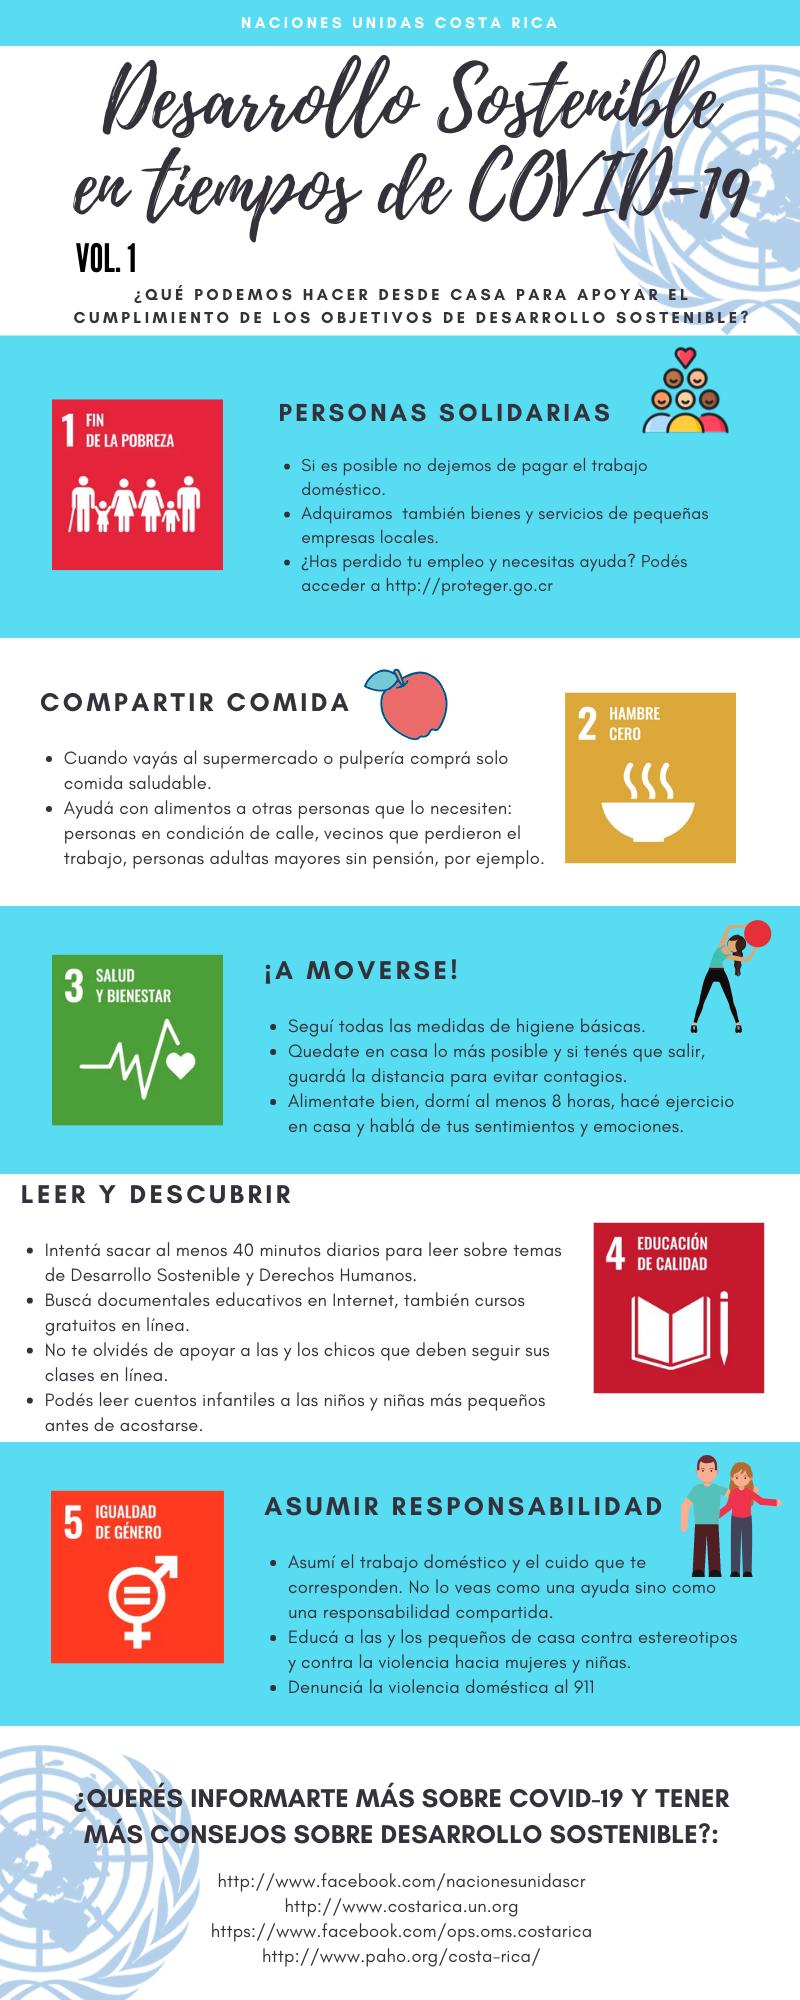 Infográficos Desarrollo Sostenible en tiempos de COVID-19 en Costa Rica